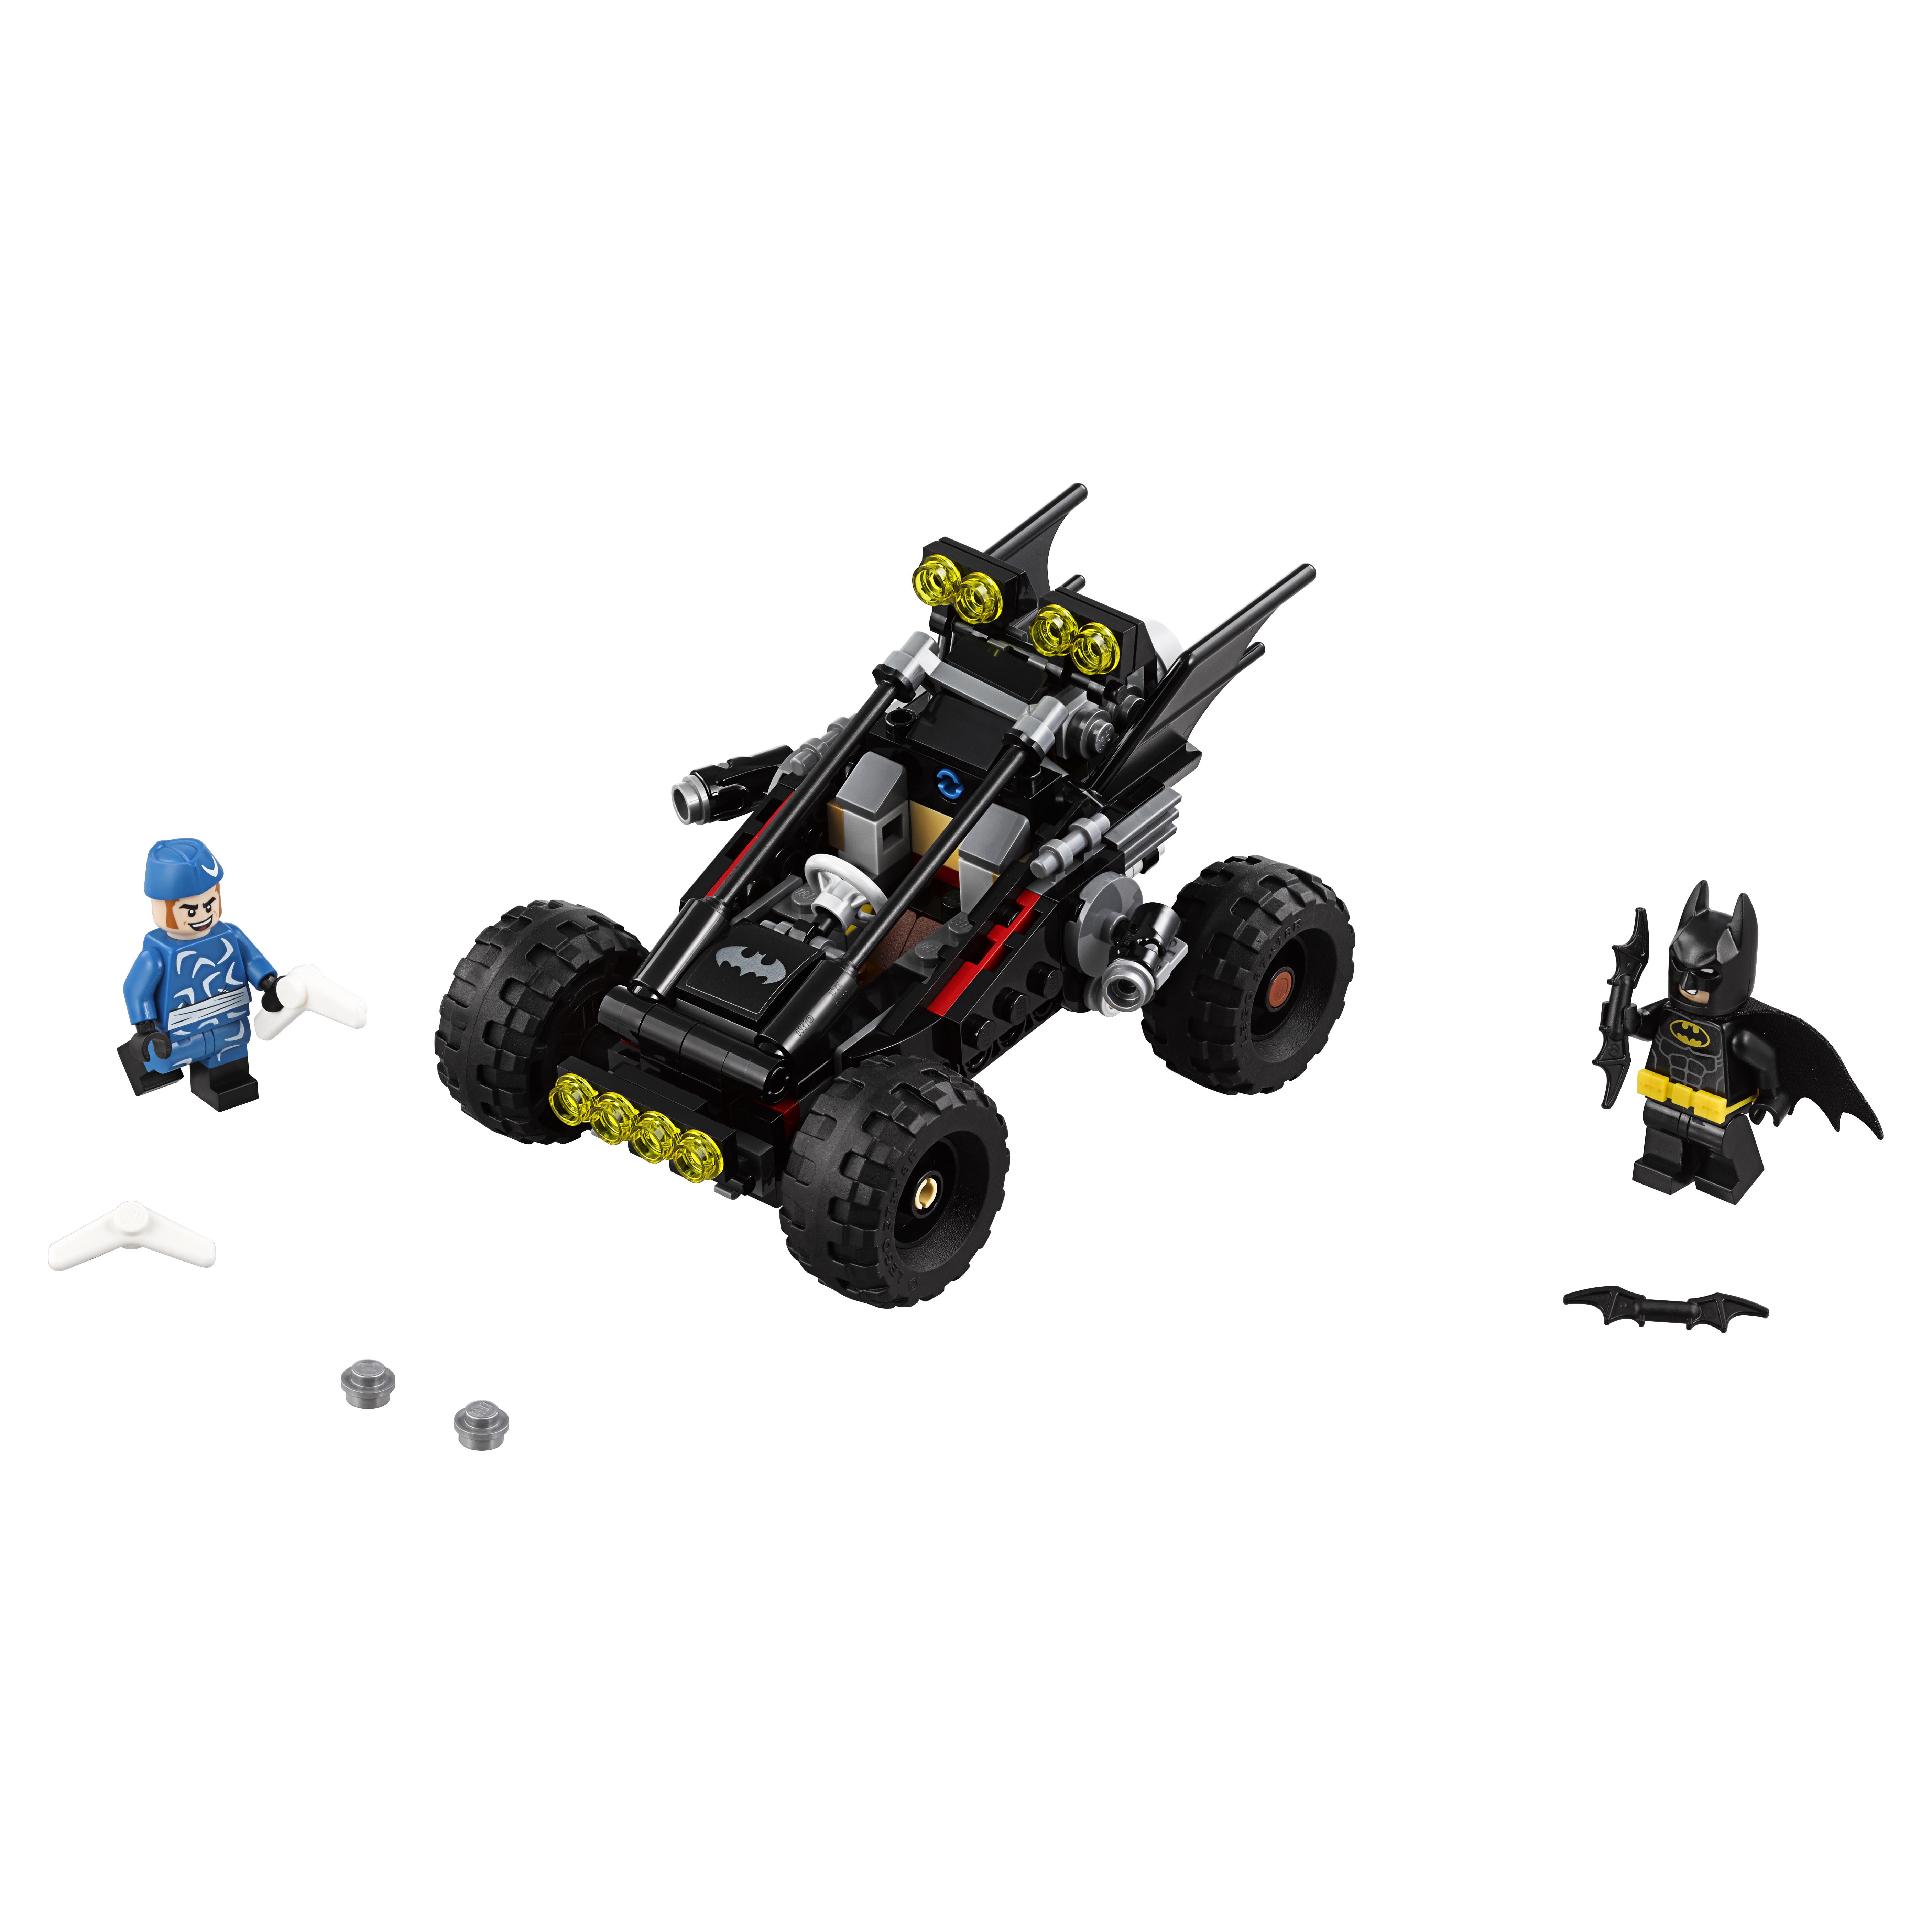 Купить Конструктор lego dc comics batman movie пустынный багги бэтмена (70918), Конструктор LEGO DC Comics Batman Movie Пустынный багги Бэтмена (70918), LEGO Batman Movie